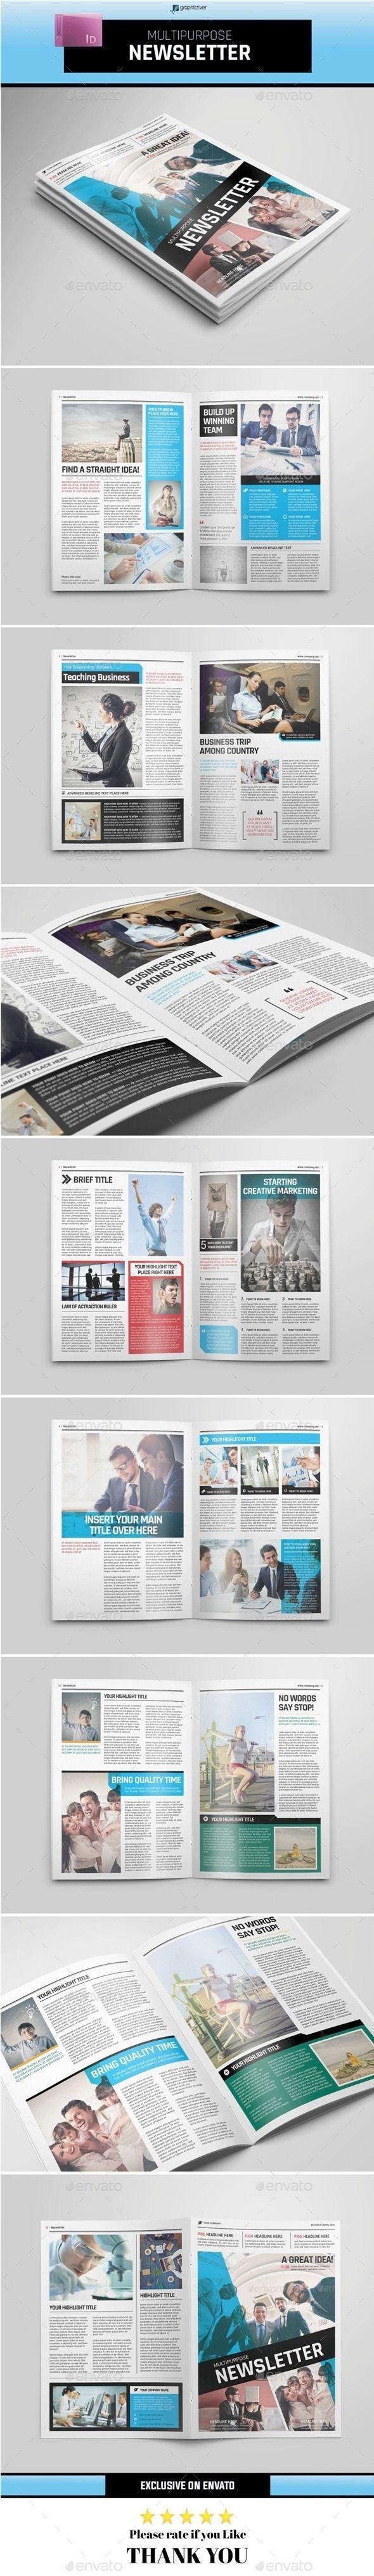 Multipurpose Newsletter Template #design Download: http://graphicriver.net/item/multipurpose-newsletter/11393385?ref=ksioks